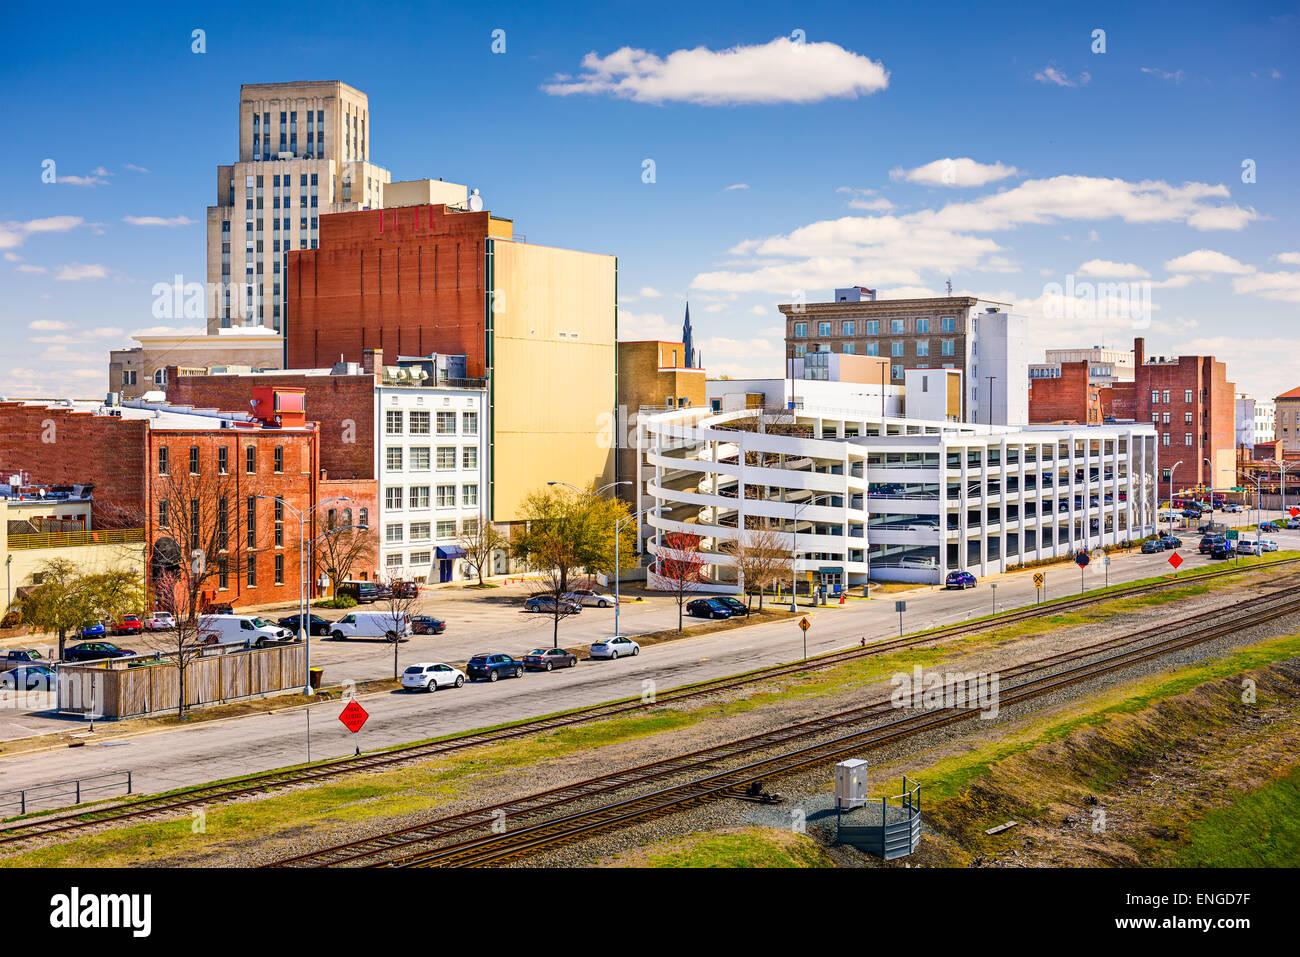 Durham, Carolina del Norte, EE.UU. el centro de ciudad. Imagen De Stock